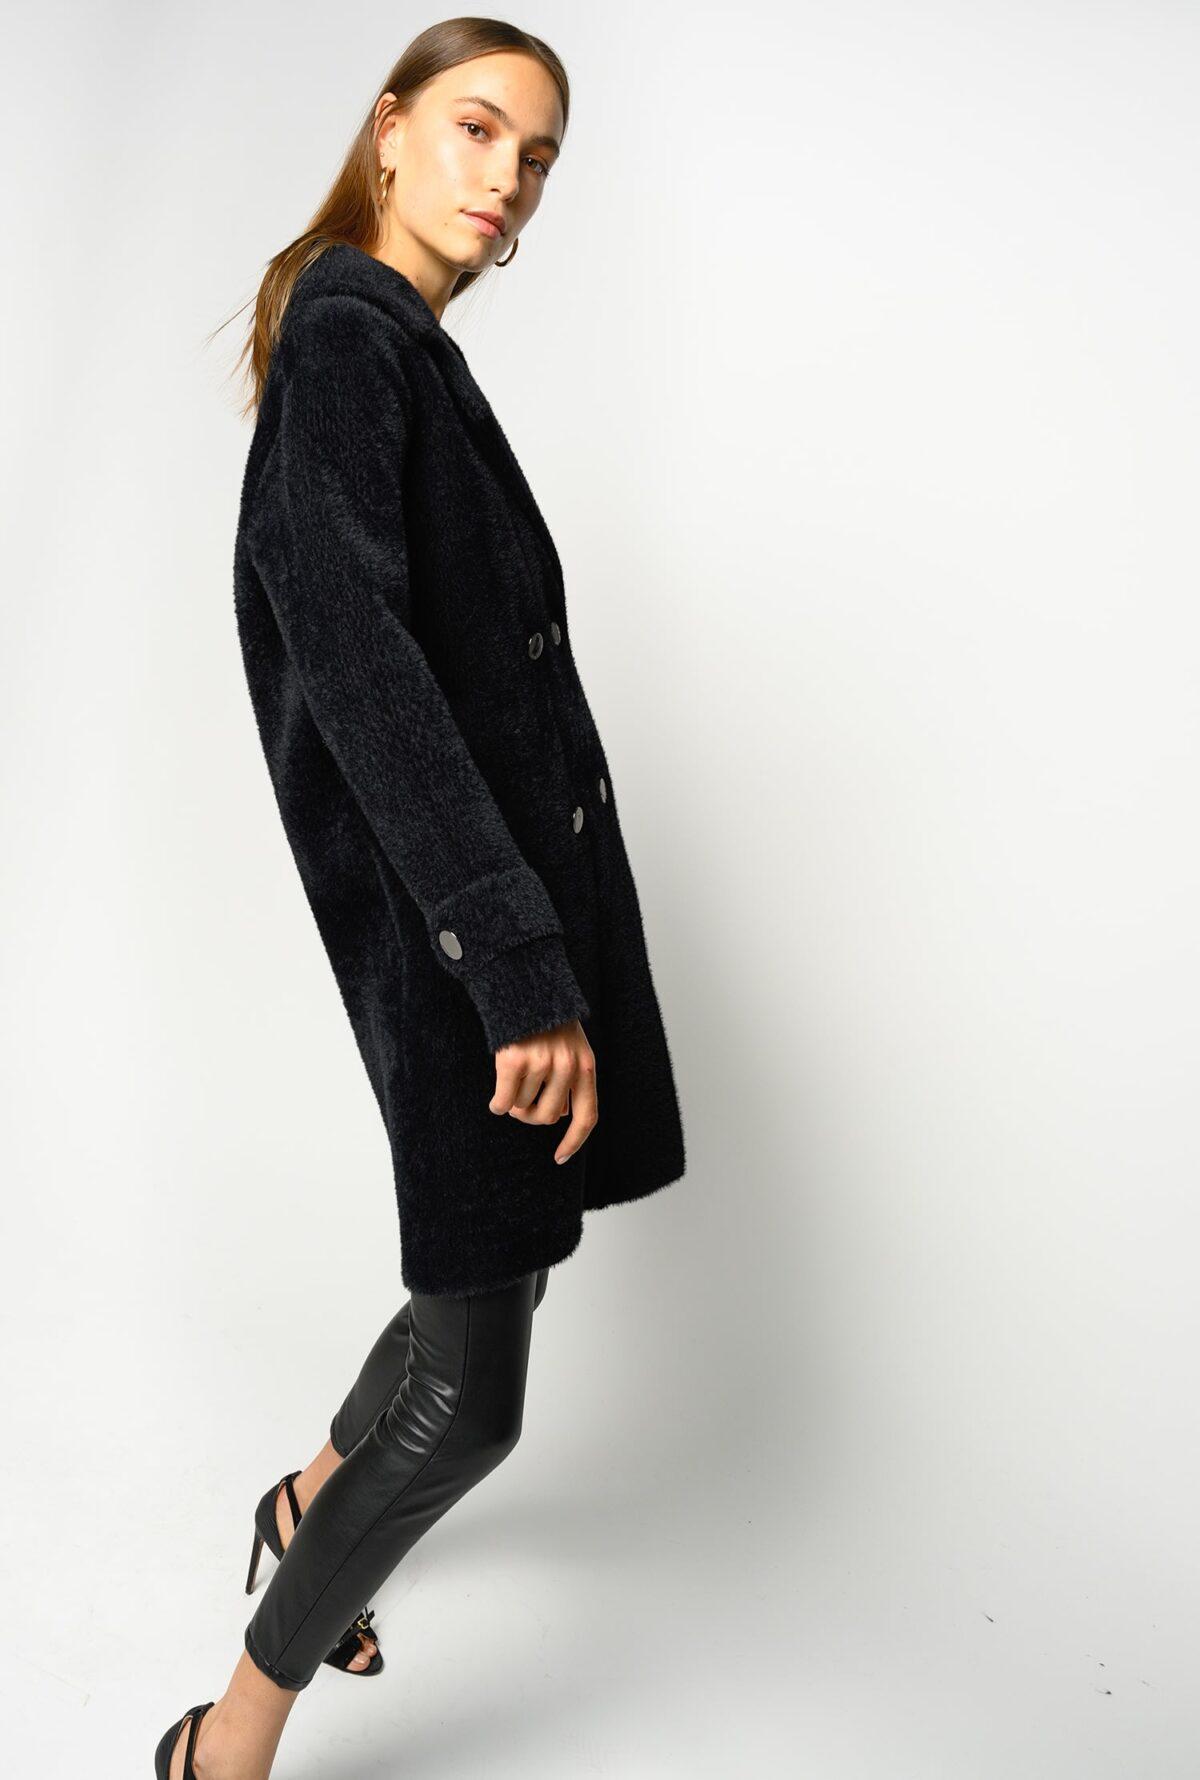 cappotto-doppiopetto-in faux fur4 - Copia